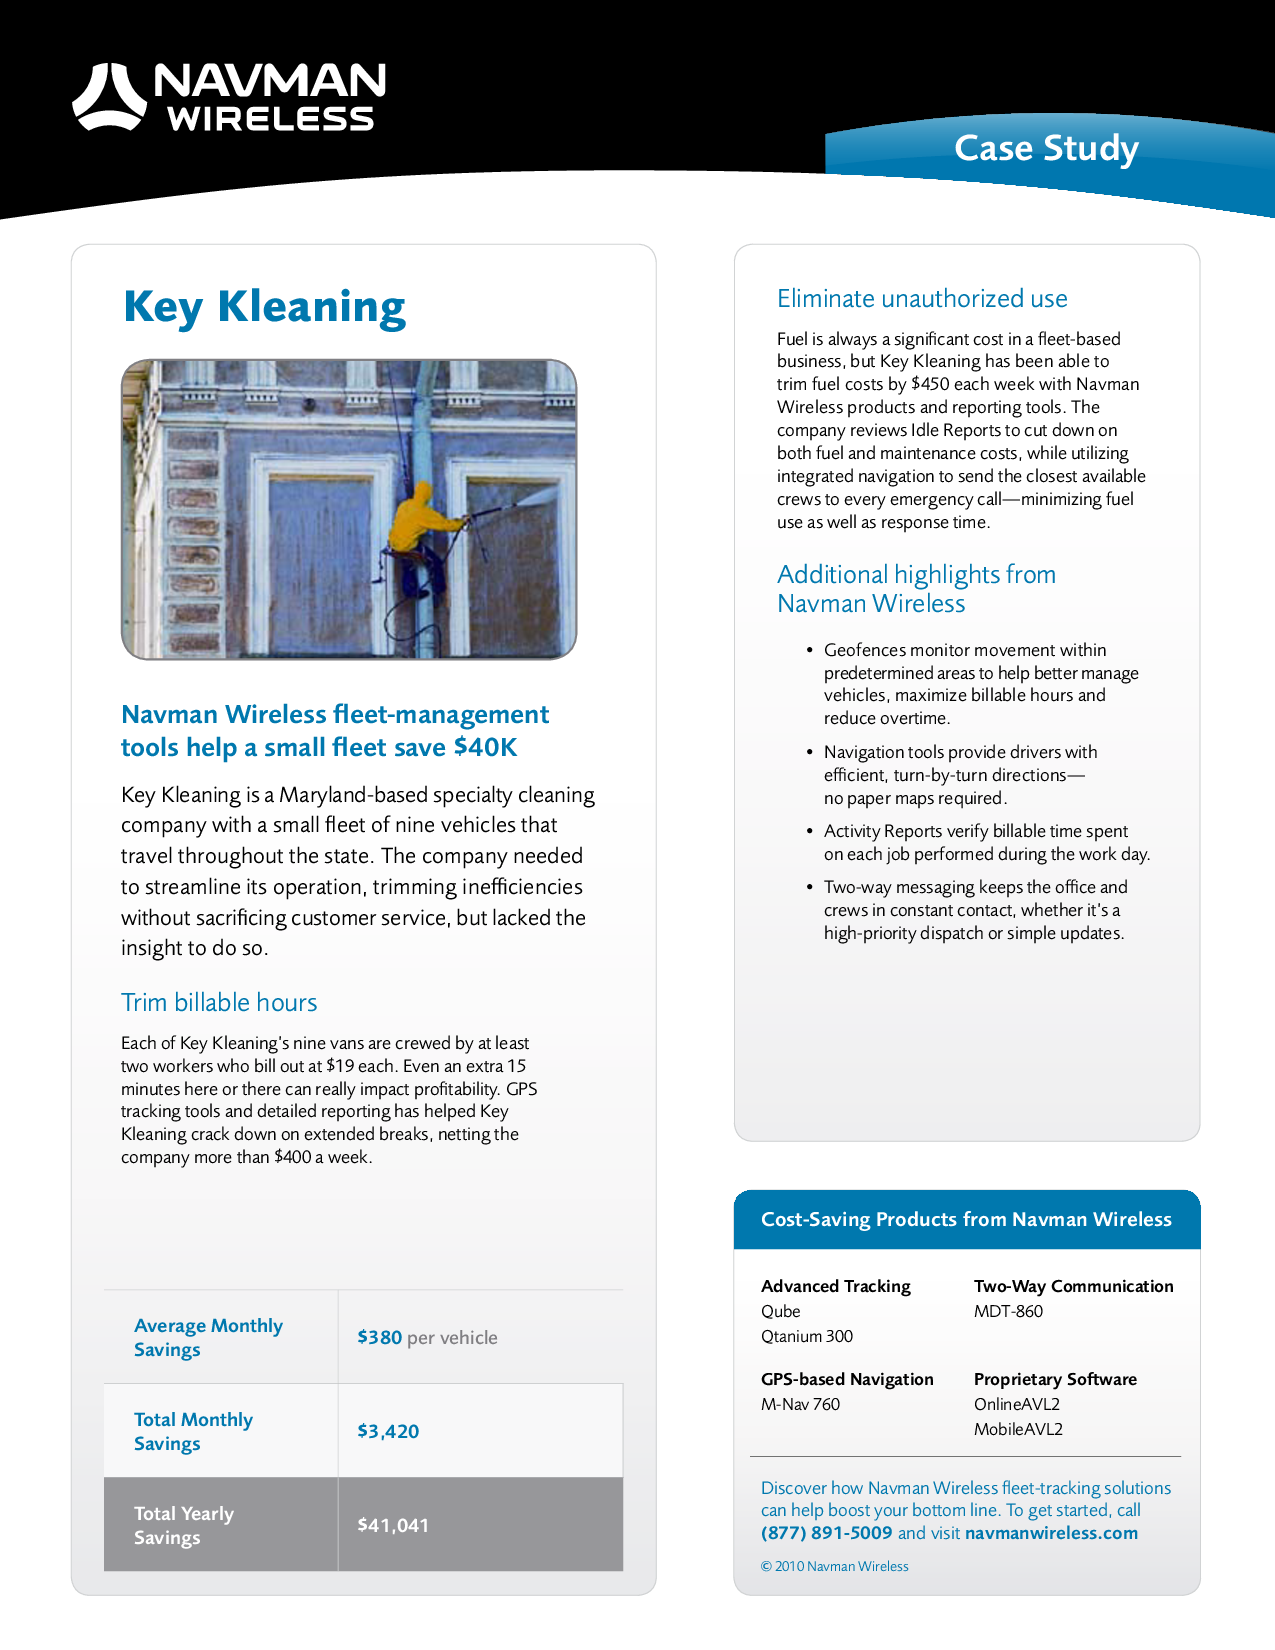 Key Kleaning